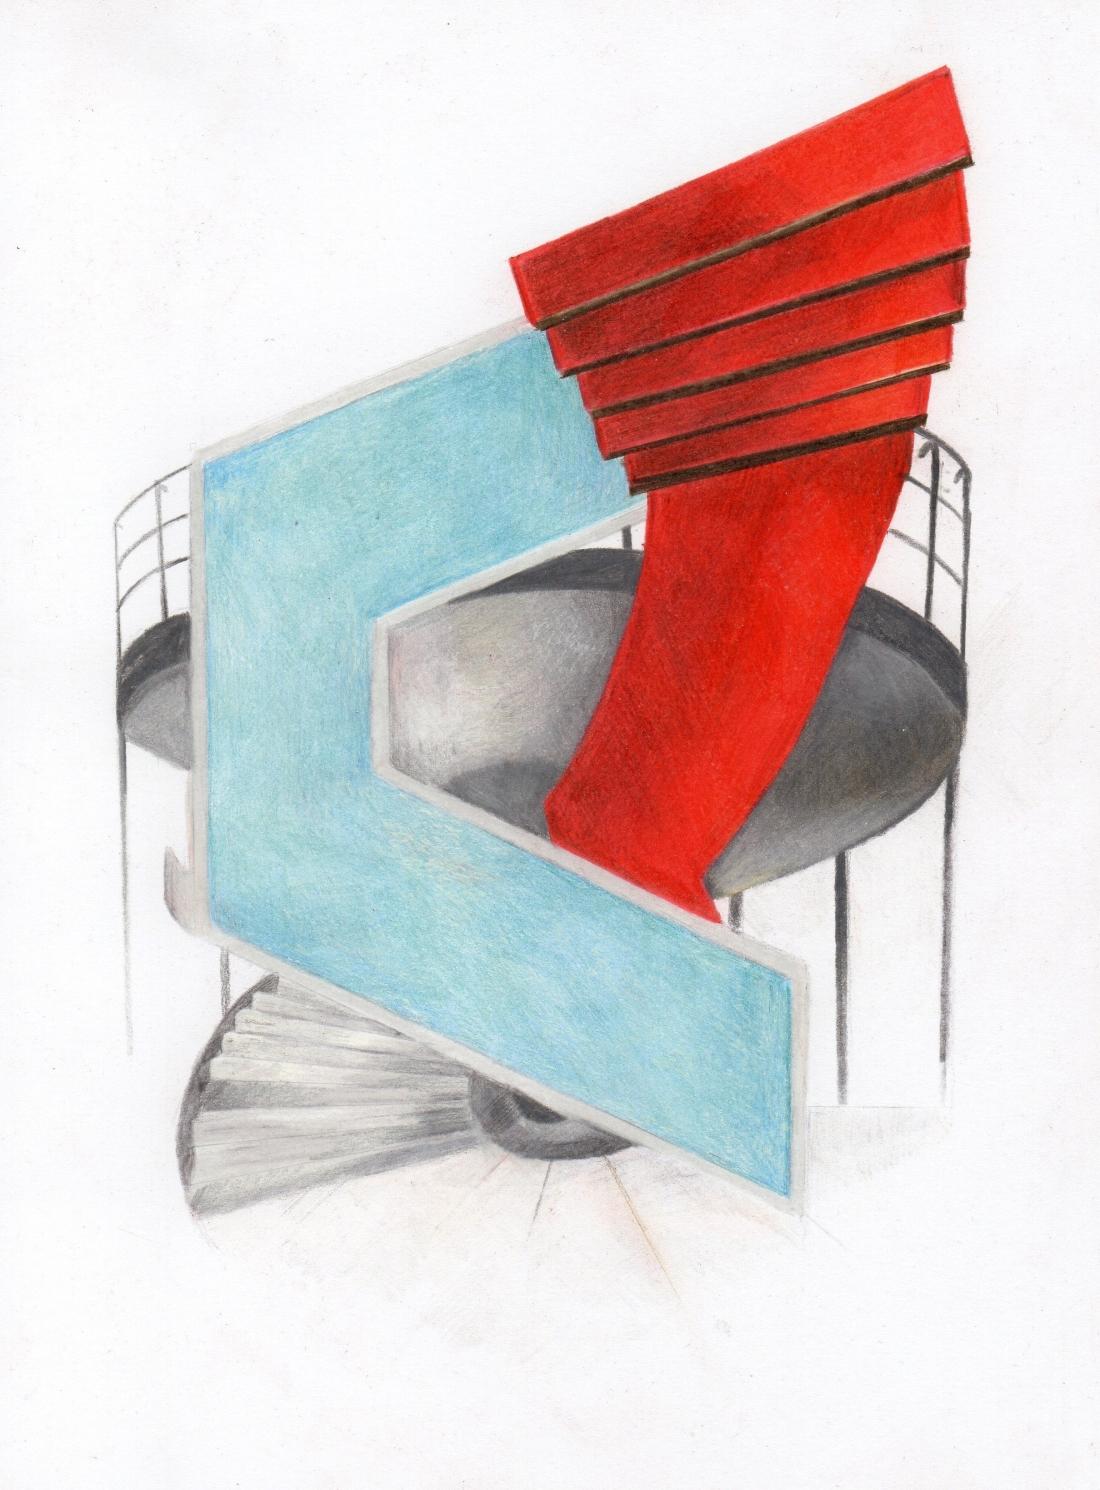 Jenny Steele, Stairwells 1933, 1937, 1938